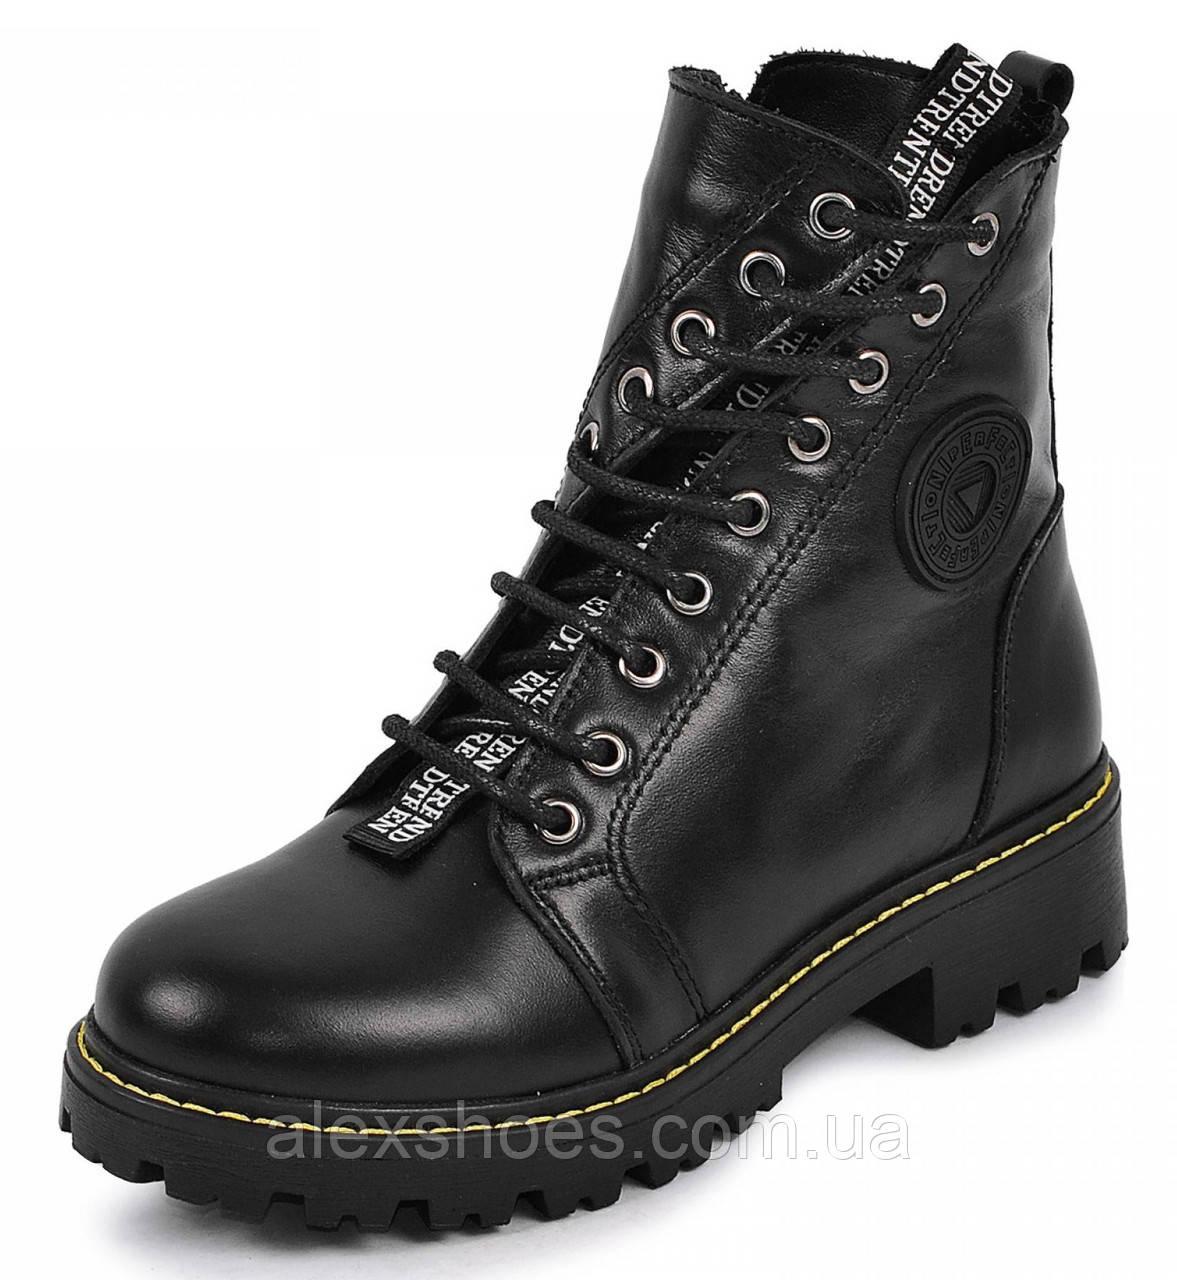 Ботинки подростковые для девочки из натуральной кожи от производителя модель МАК135